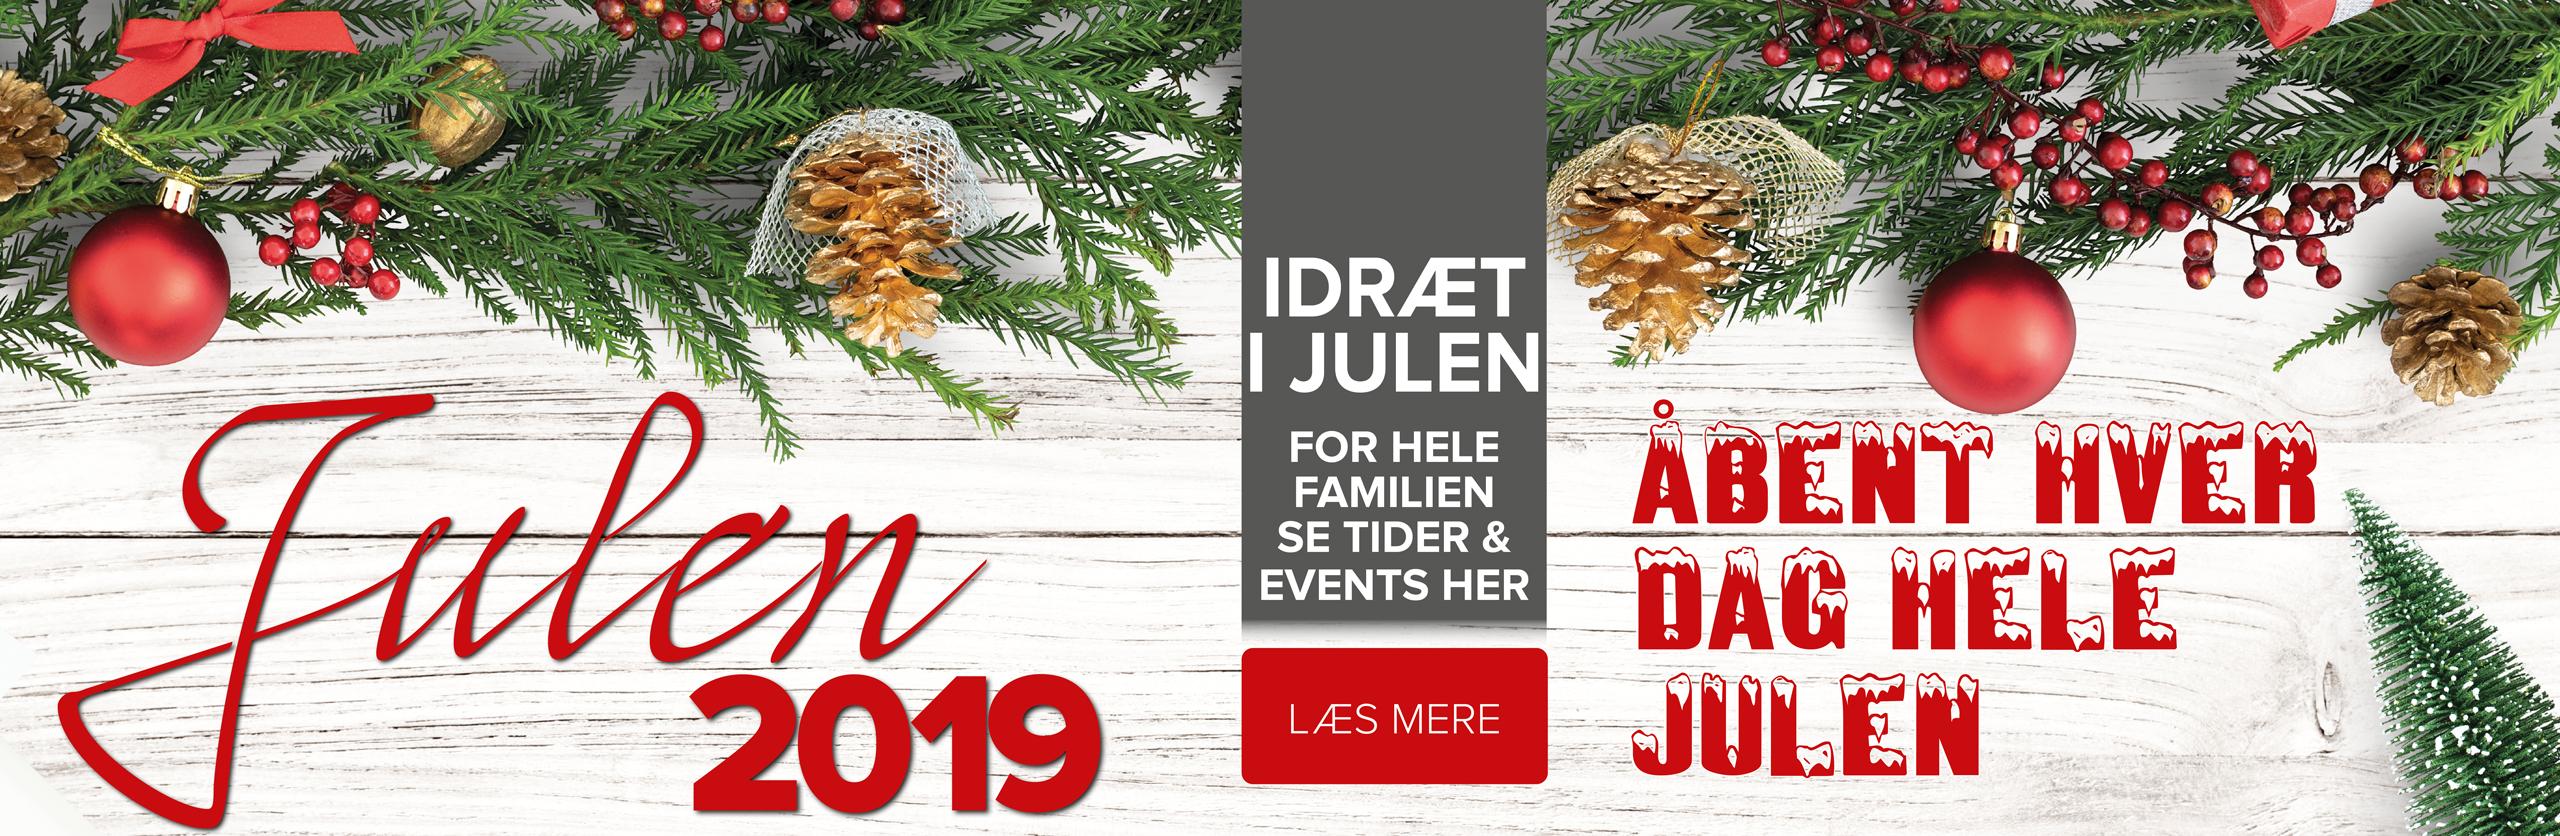 Julen 2019